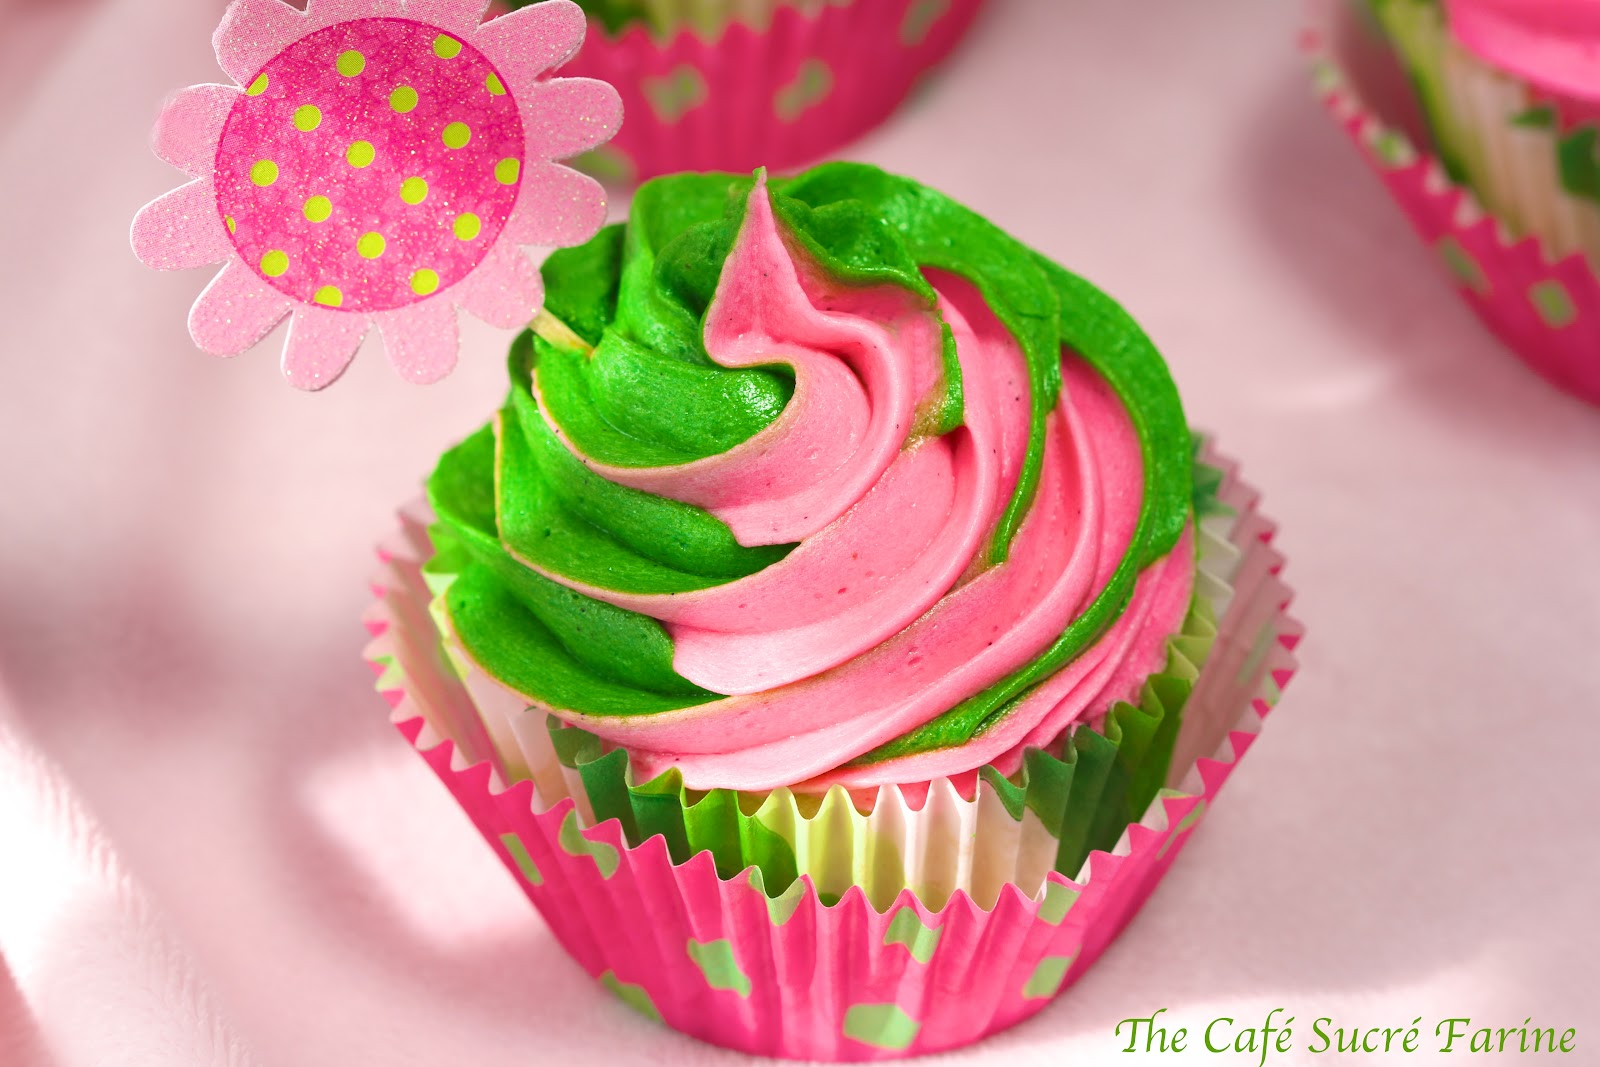 Swirly-Girly White Chocolate Cupcakes w/ Vanilla Bean Icing | The ...